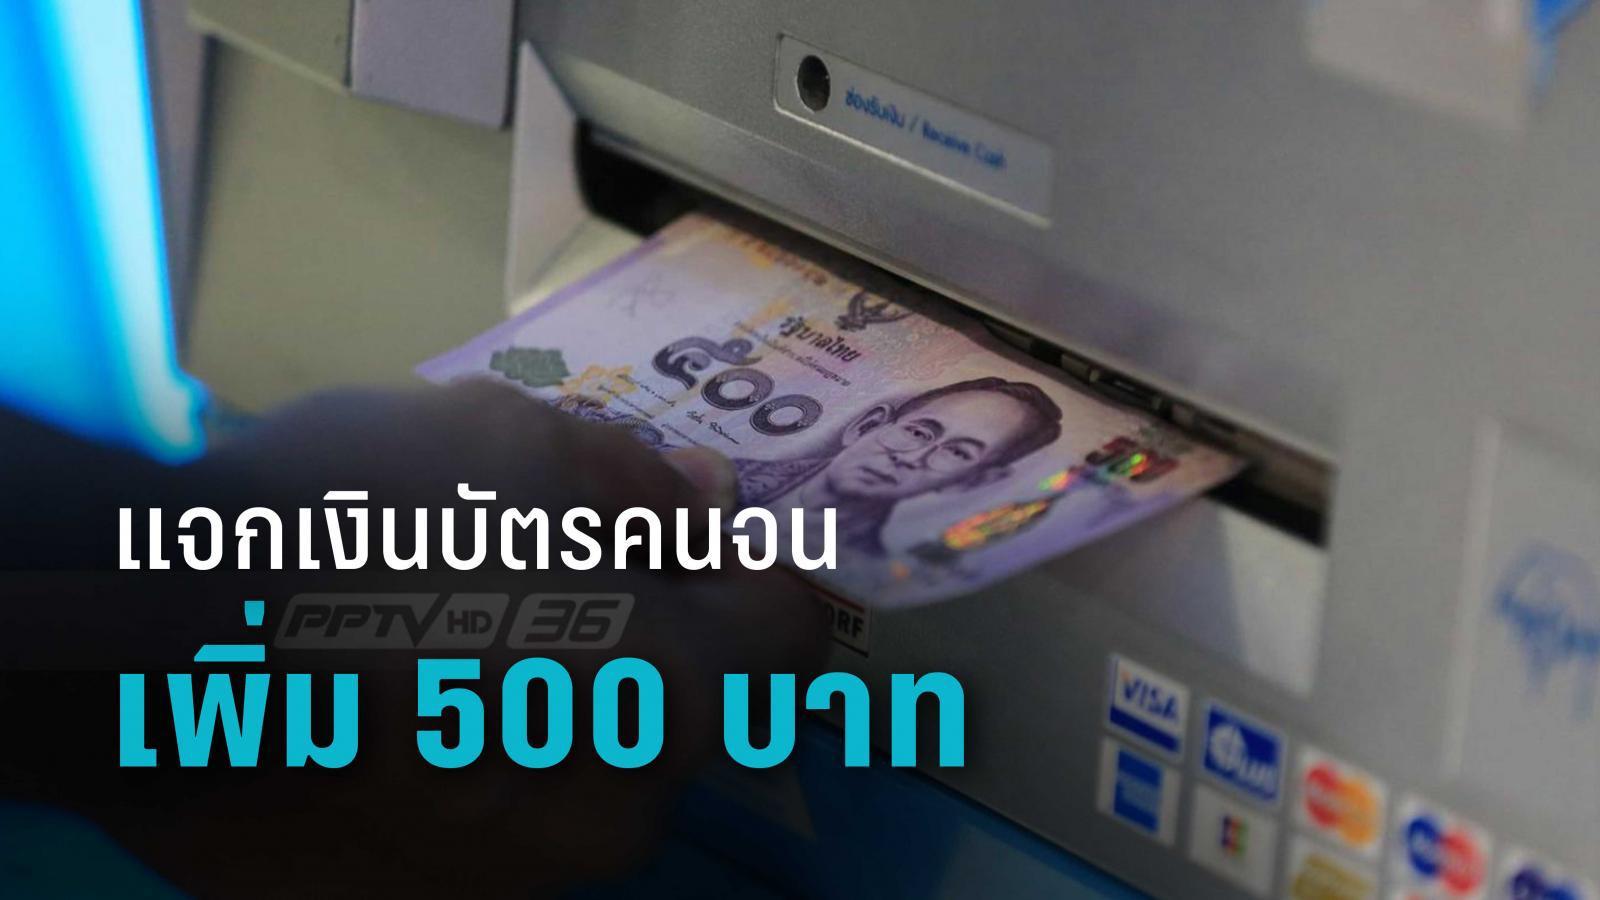 ศบศ.แจกเงินบัตรคนจนเพิ่ม 500 บาท 3 เดือน